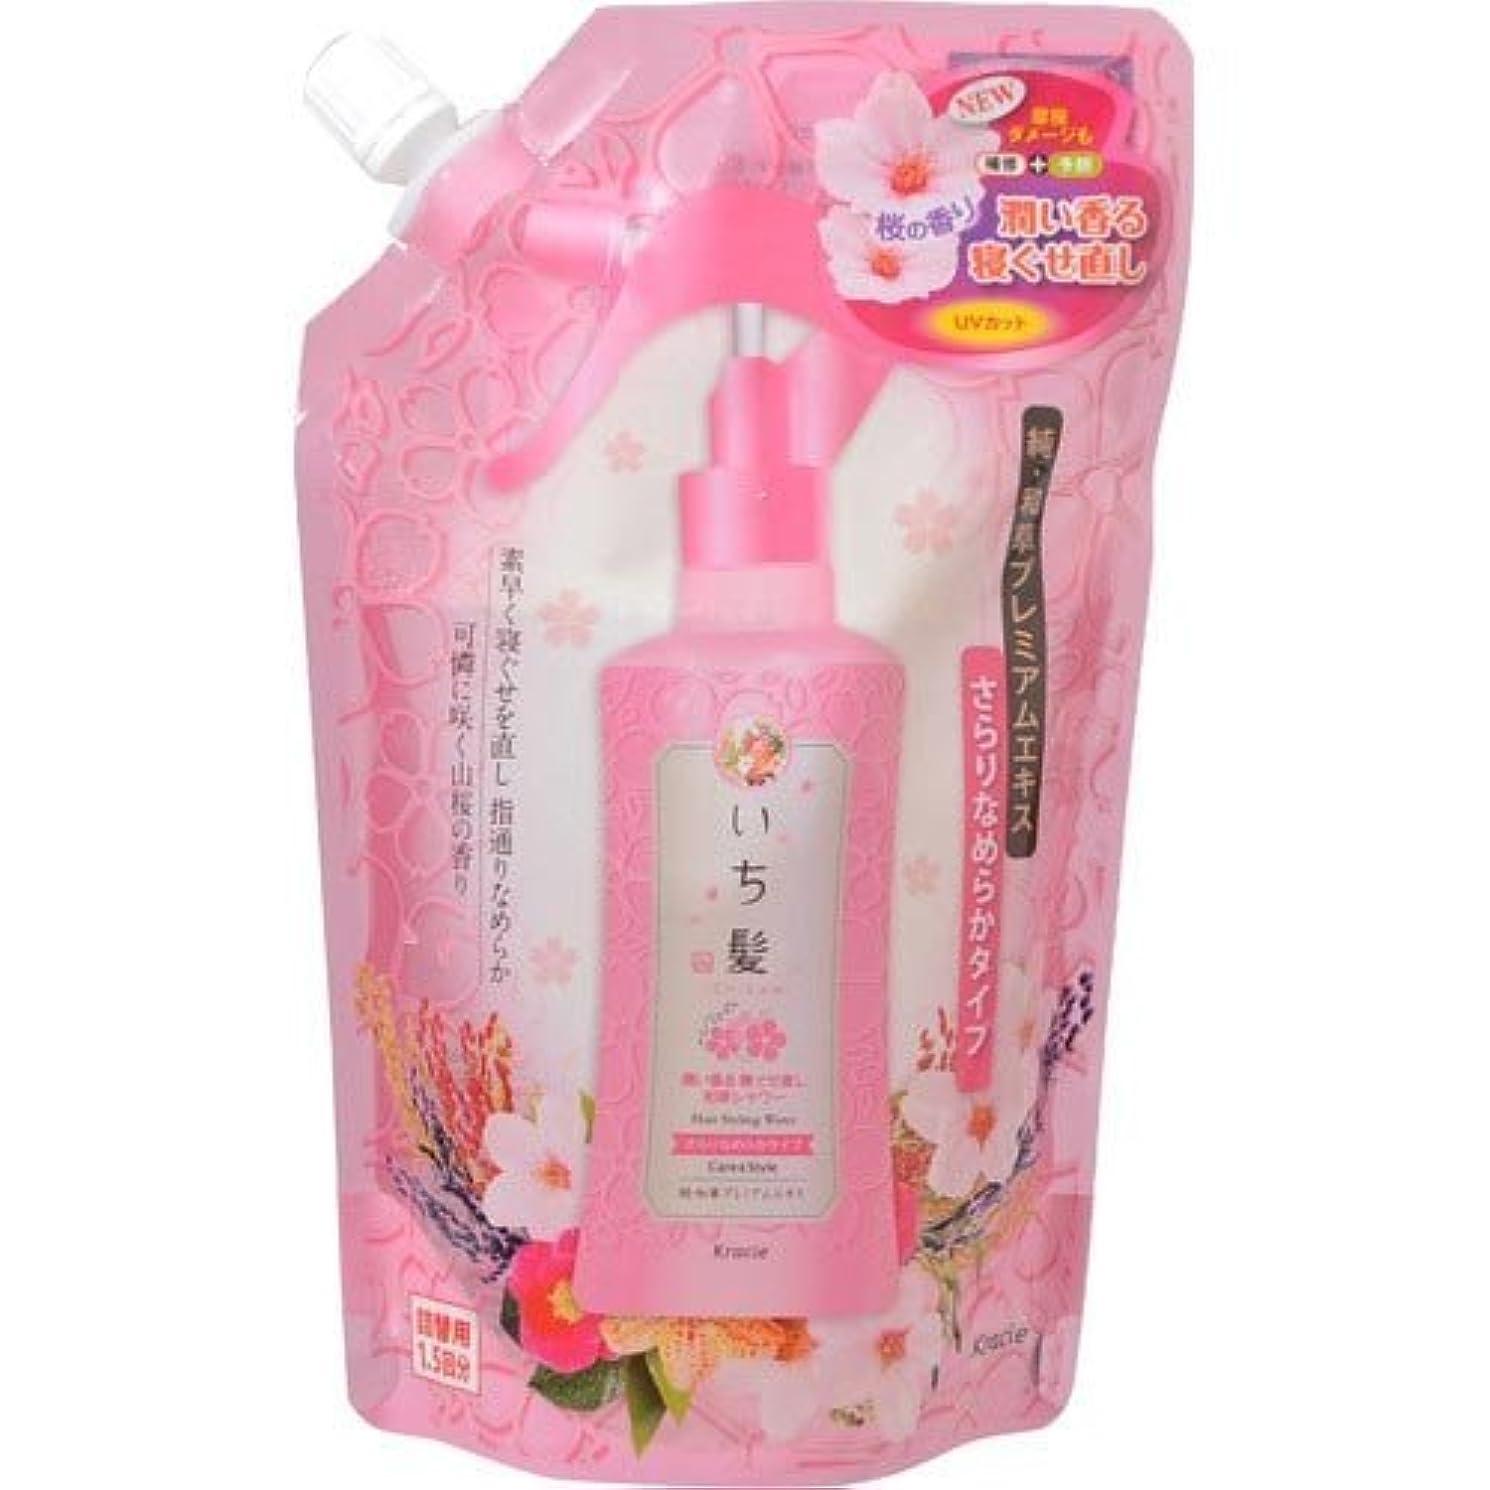 散らす壁いちゃつくいち髪 潤い香る寝ぐせ直し和草シャワー さらりなめらかタイプ 詰替用 375mL